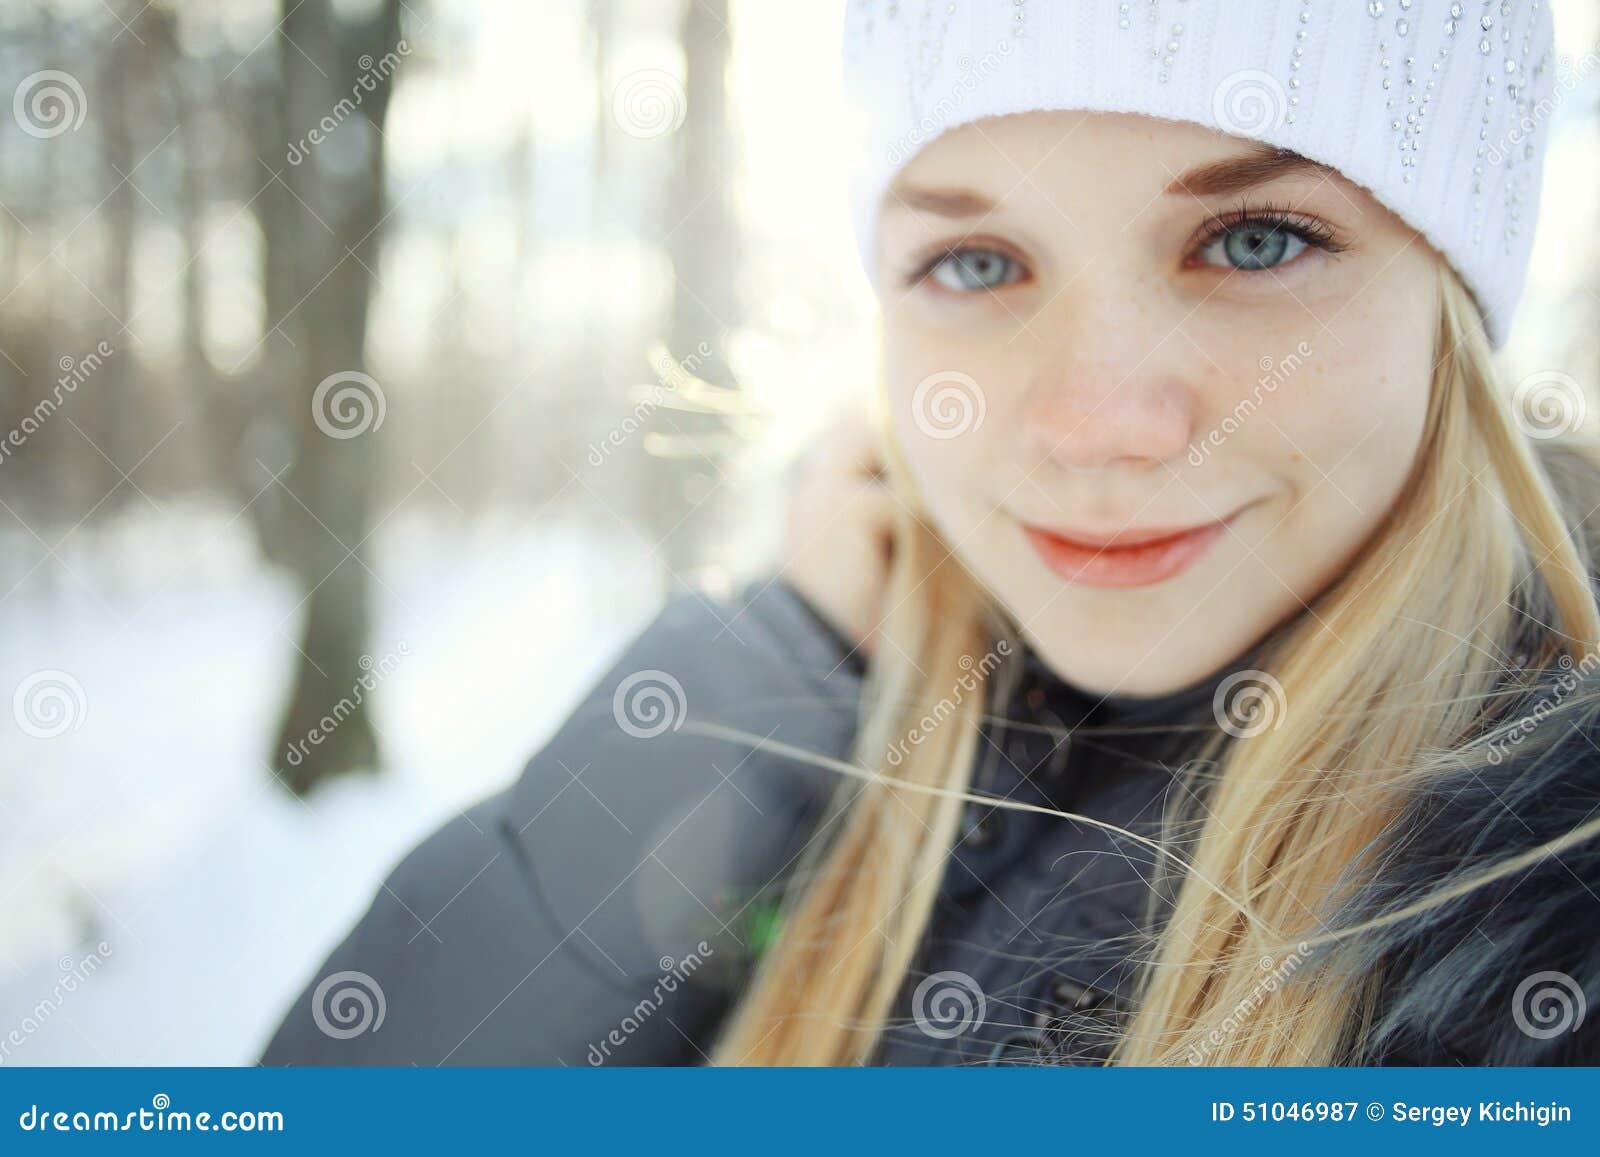 Beautiful young blonde teen girls